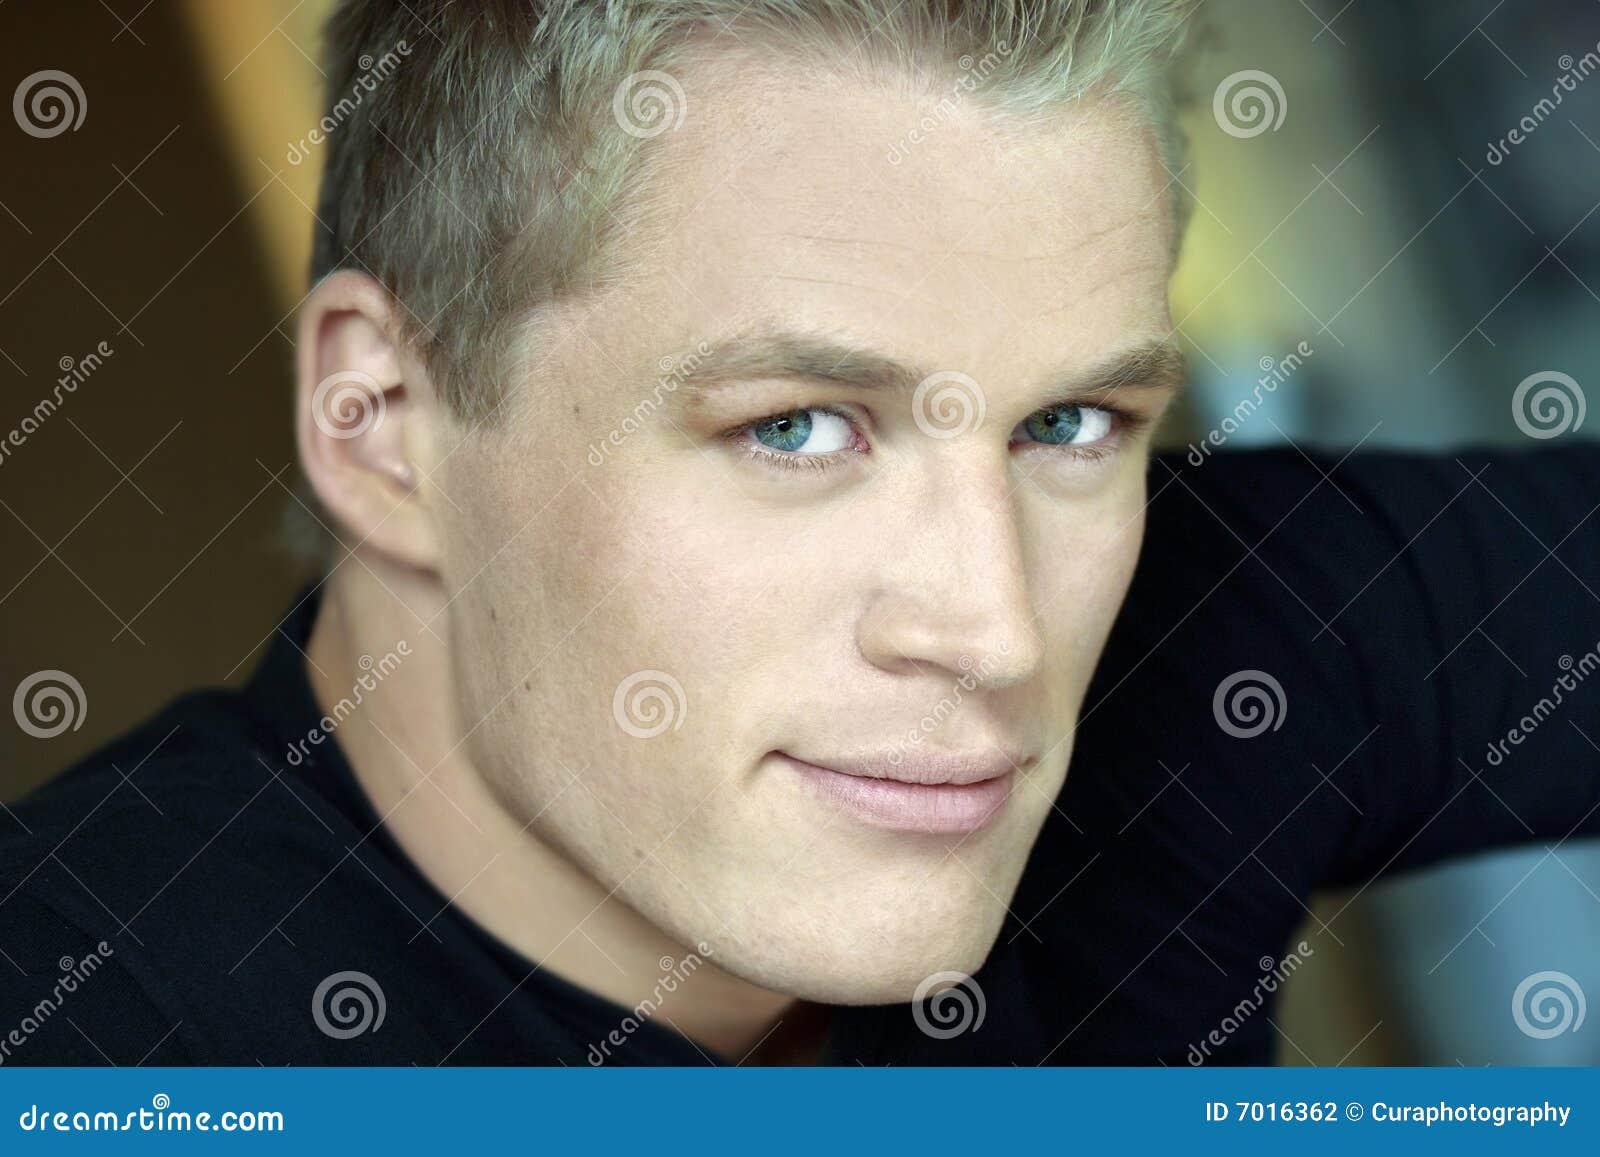 Man portrait young